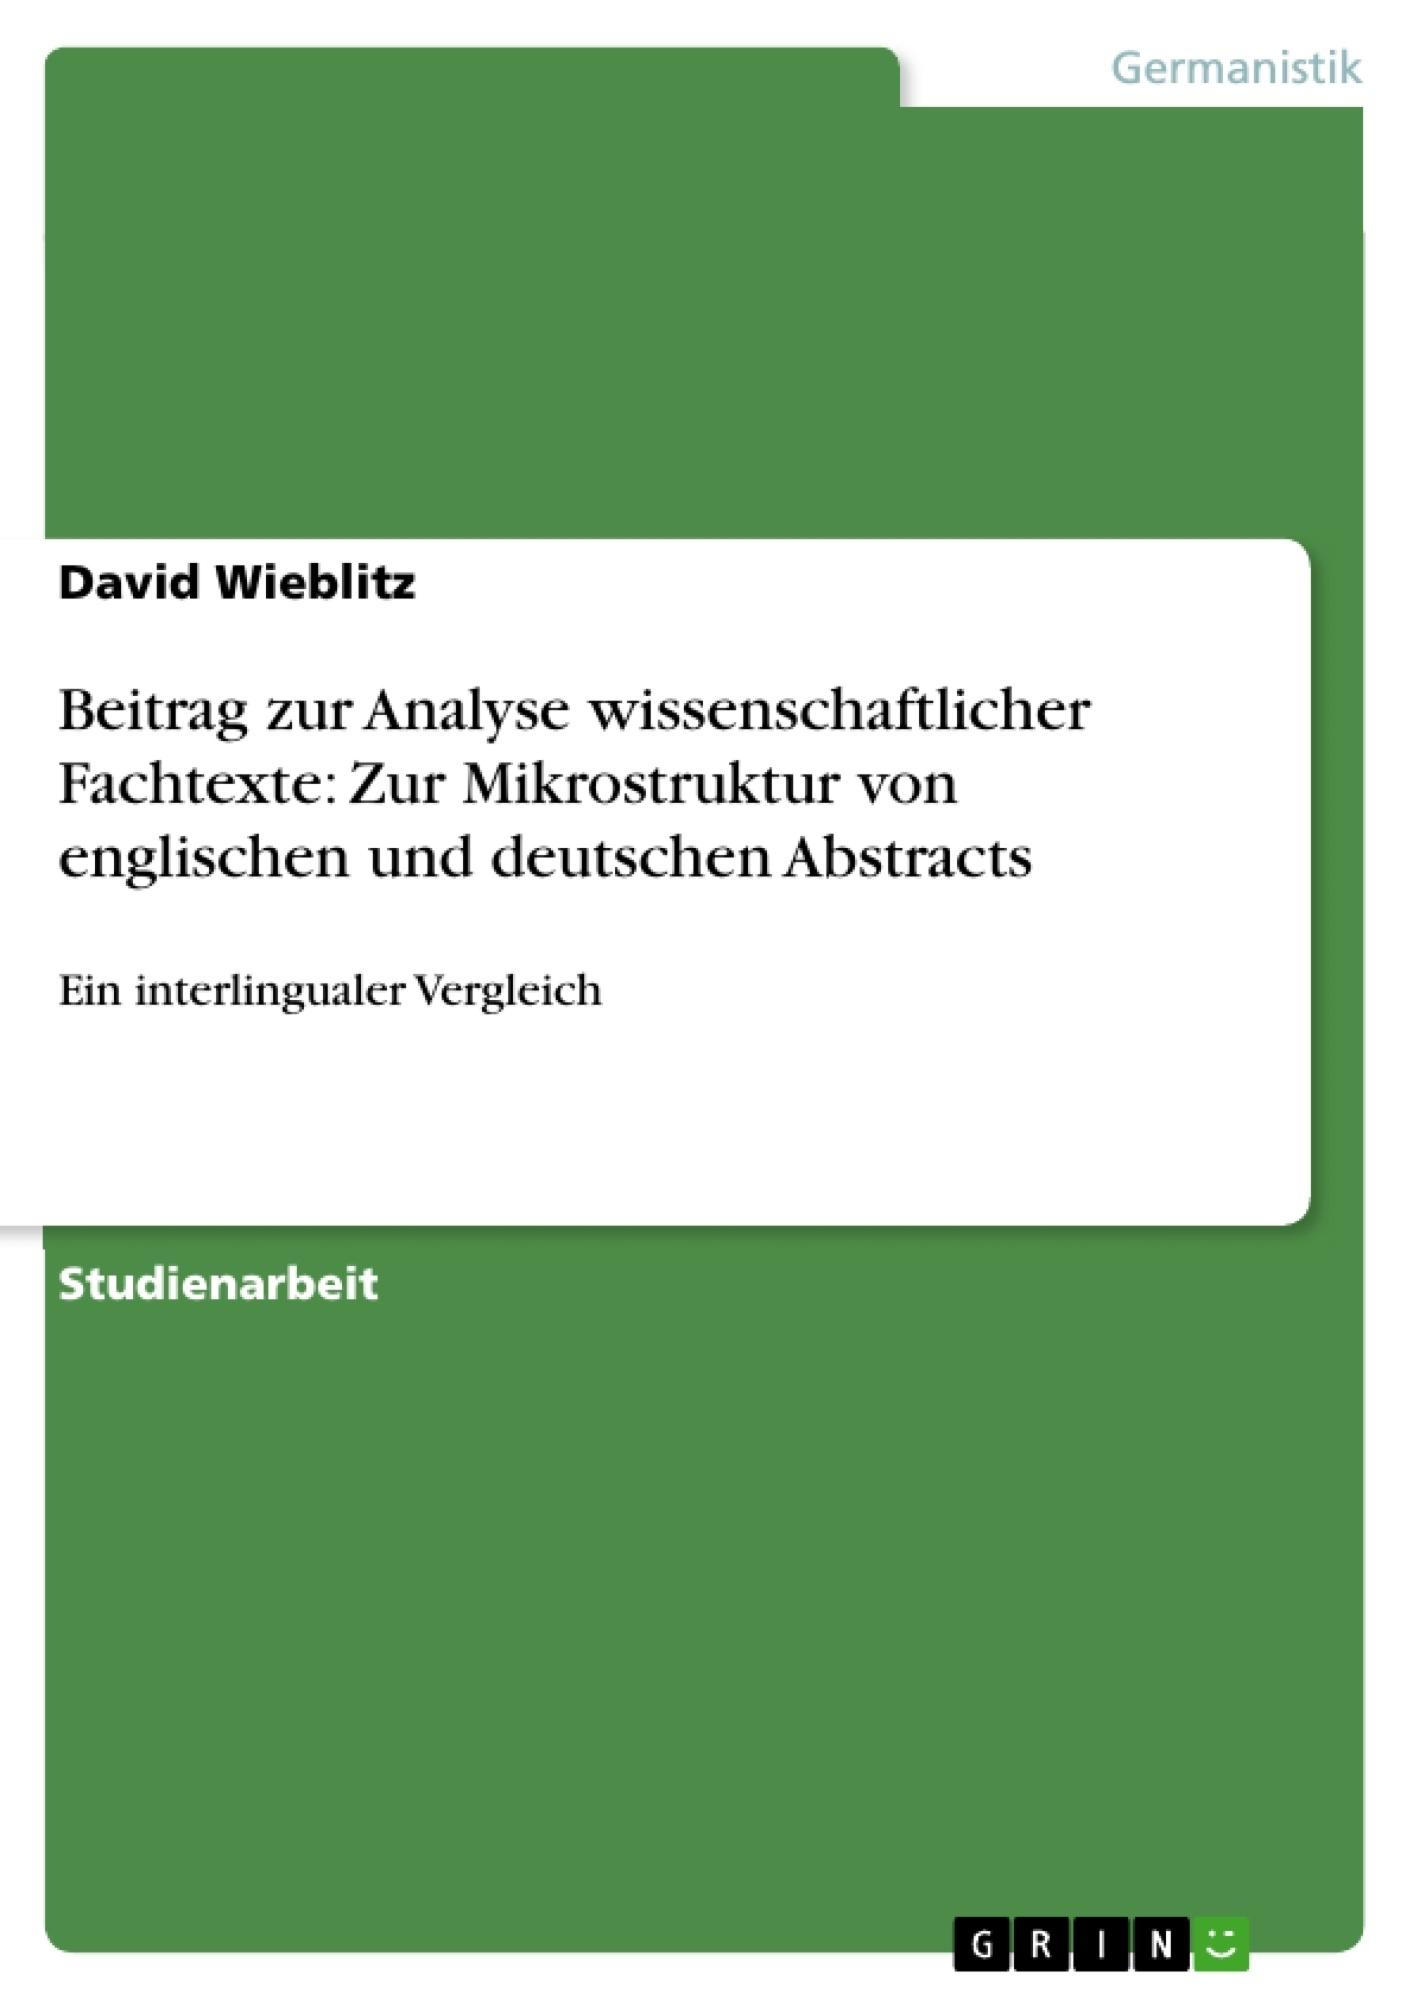 Titel: Beitrag zur Analyse wissenschaftlicher Fachtexte: Zur Mikrostruktur von englischen und deutschen Abstracts